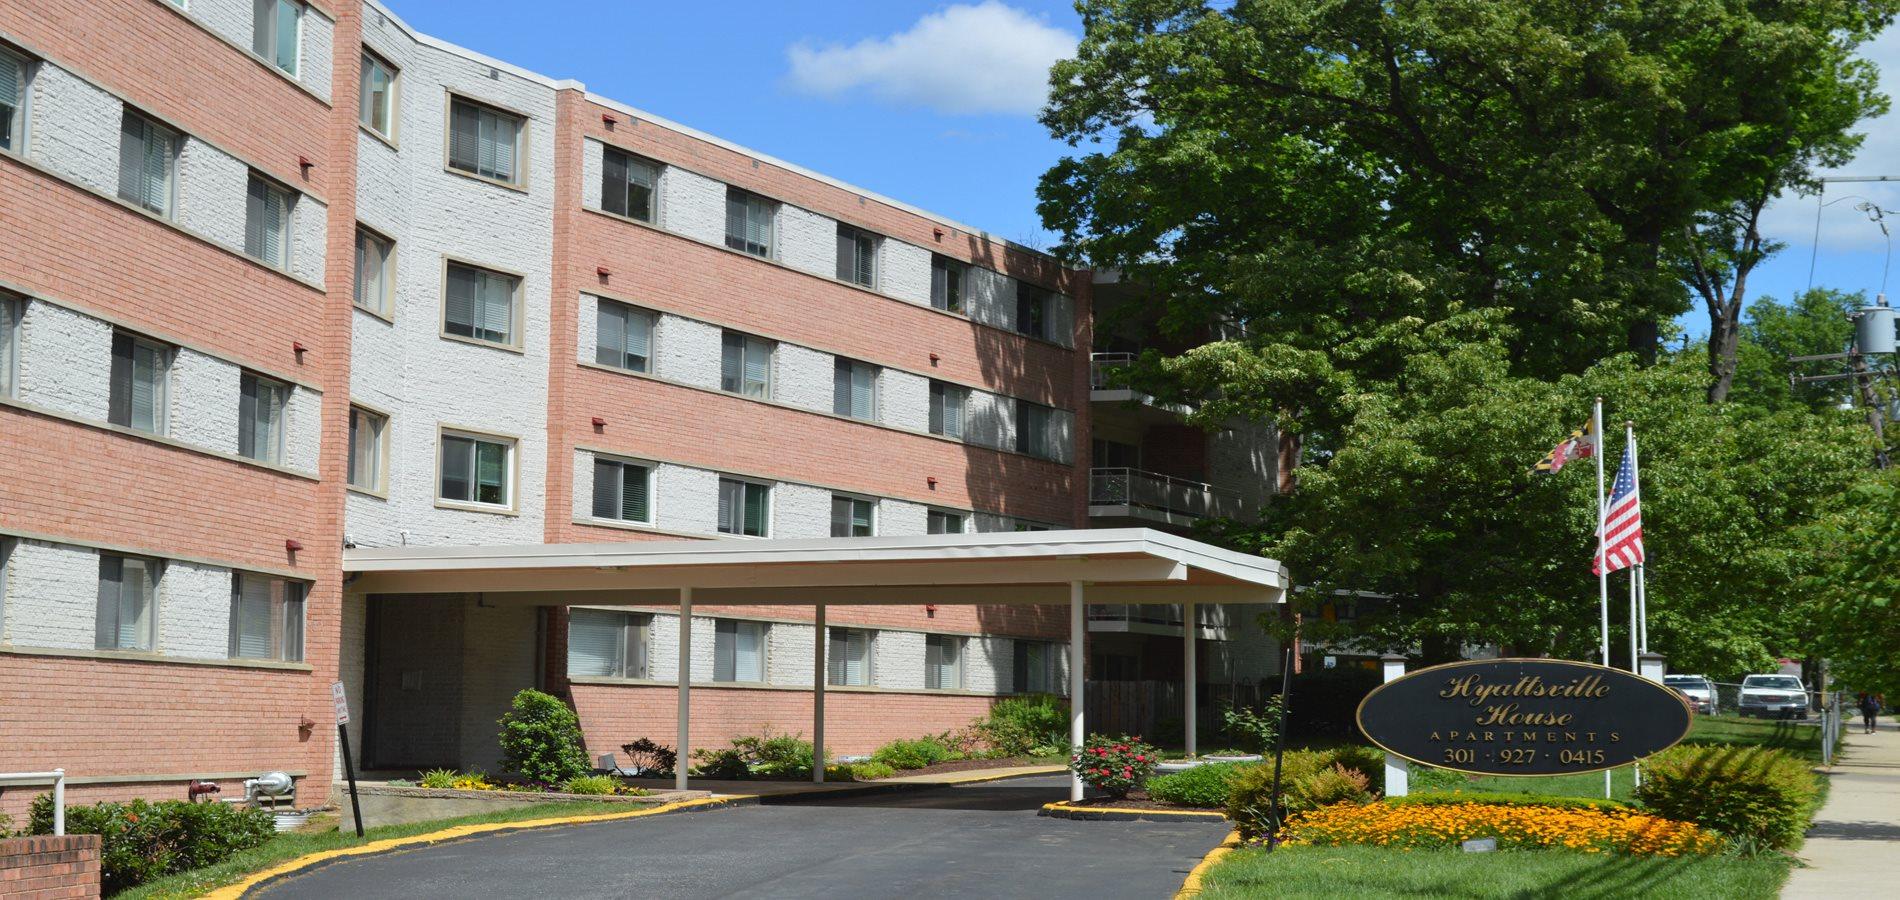 Hyattsville House Apartments In Hyattsville Md